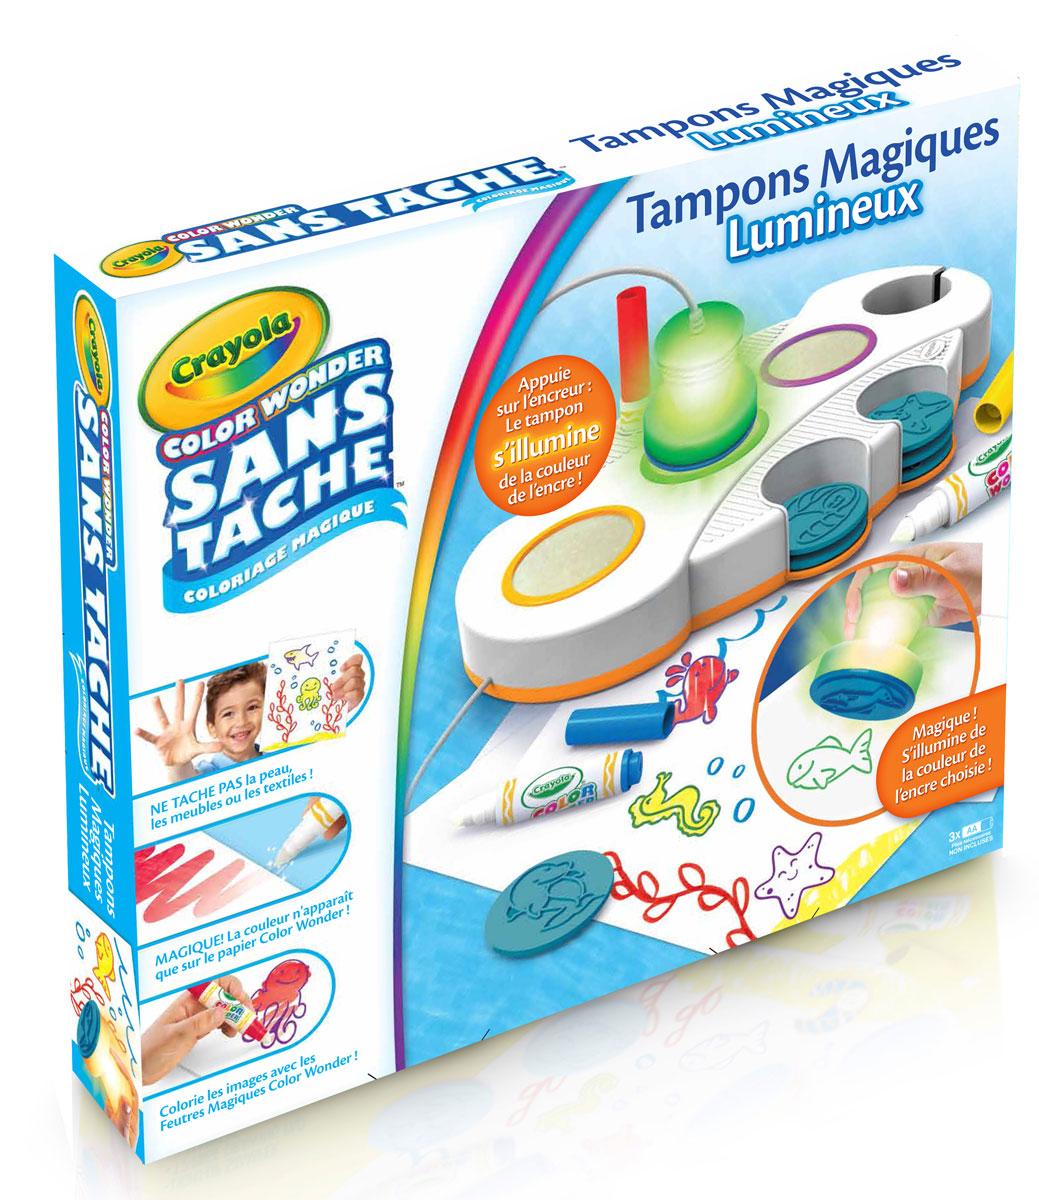 Crayola Набор печатей Color Wonder набор развивающий для ребенка crayola мой первый набор печатей